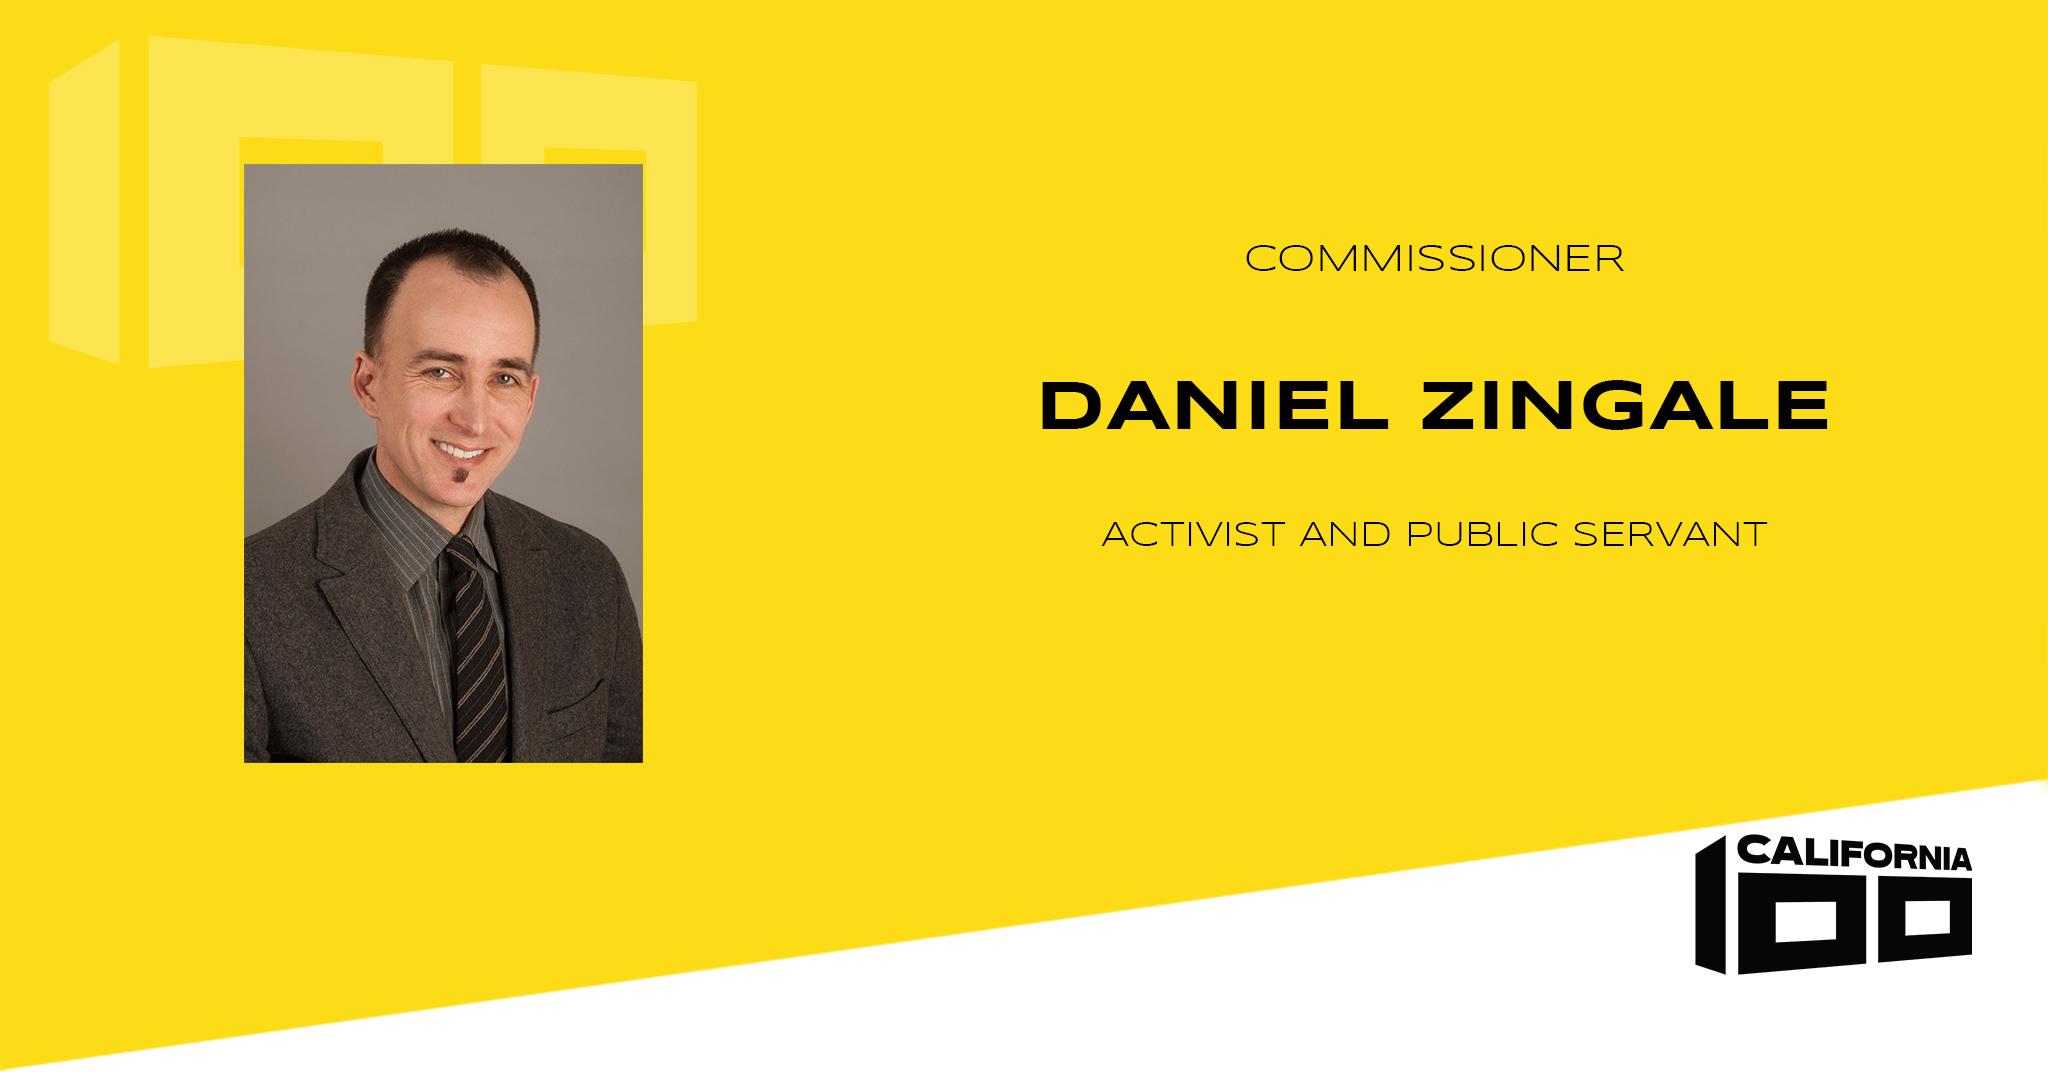 Daniel Zingale